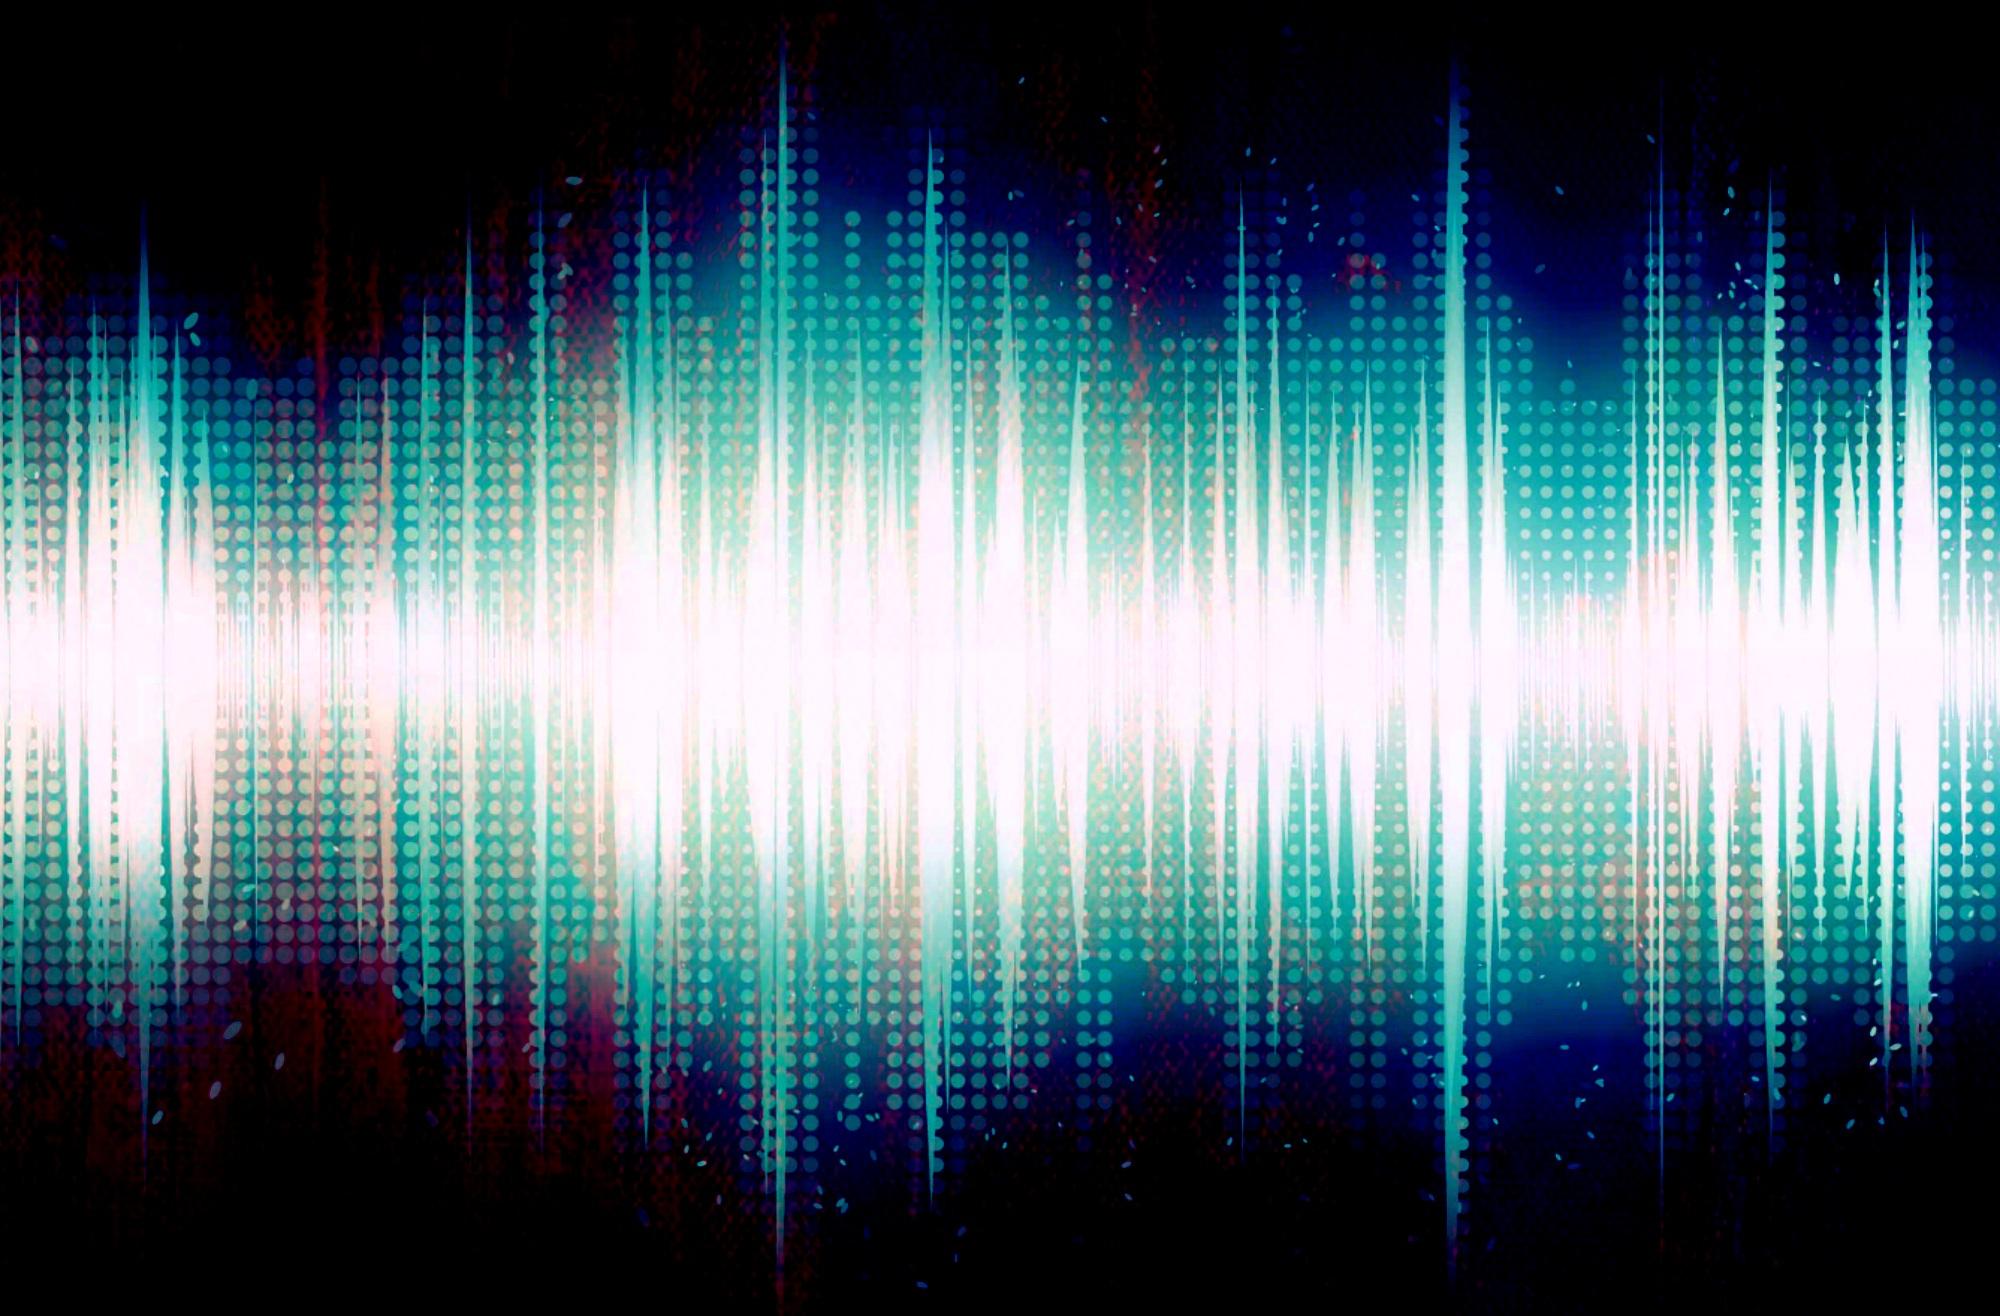 sound-495859.jpg